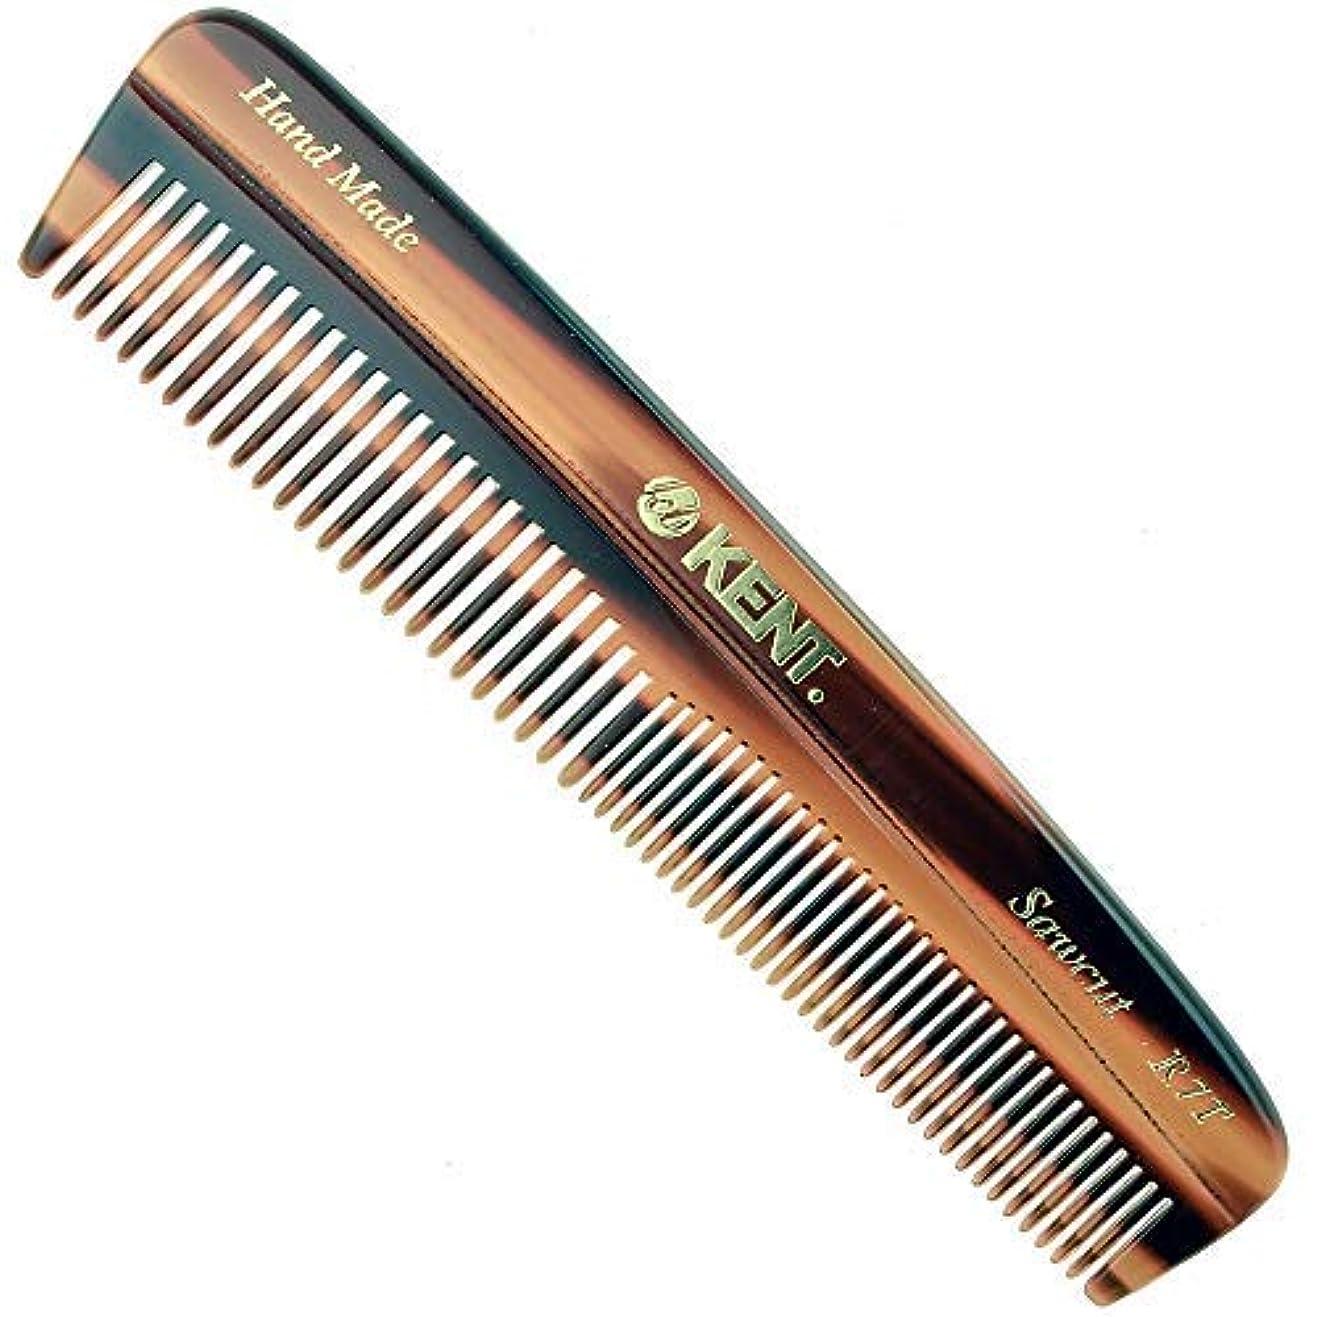 バイナリ増幅する組み込むKent R7T - Men's/Women's Coarse and Fine Toothed Small Travel Pocket Comb 130mm/5.63